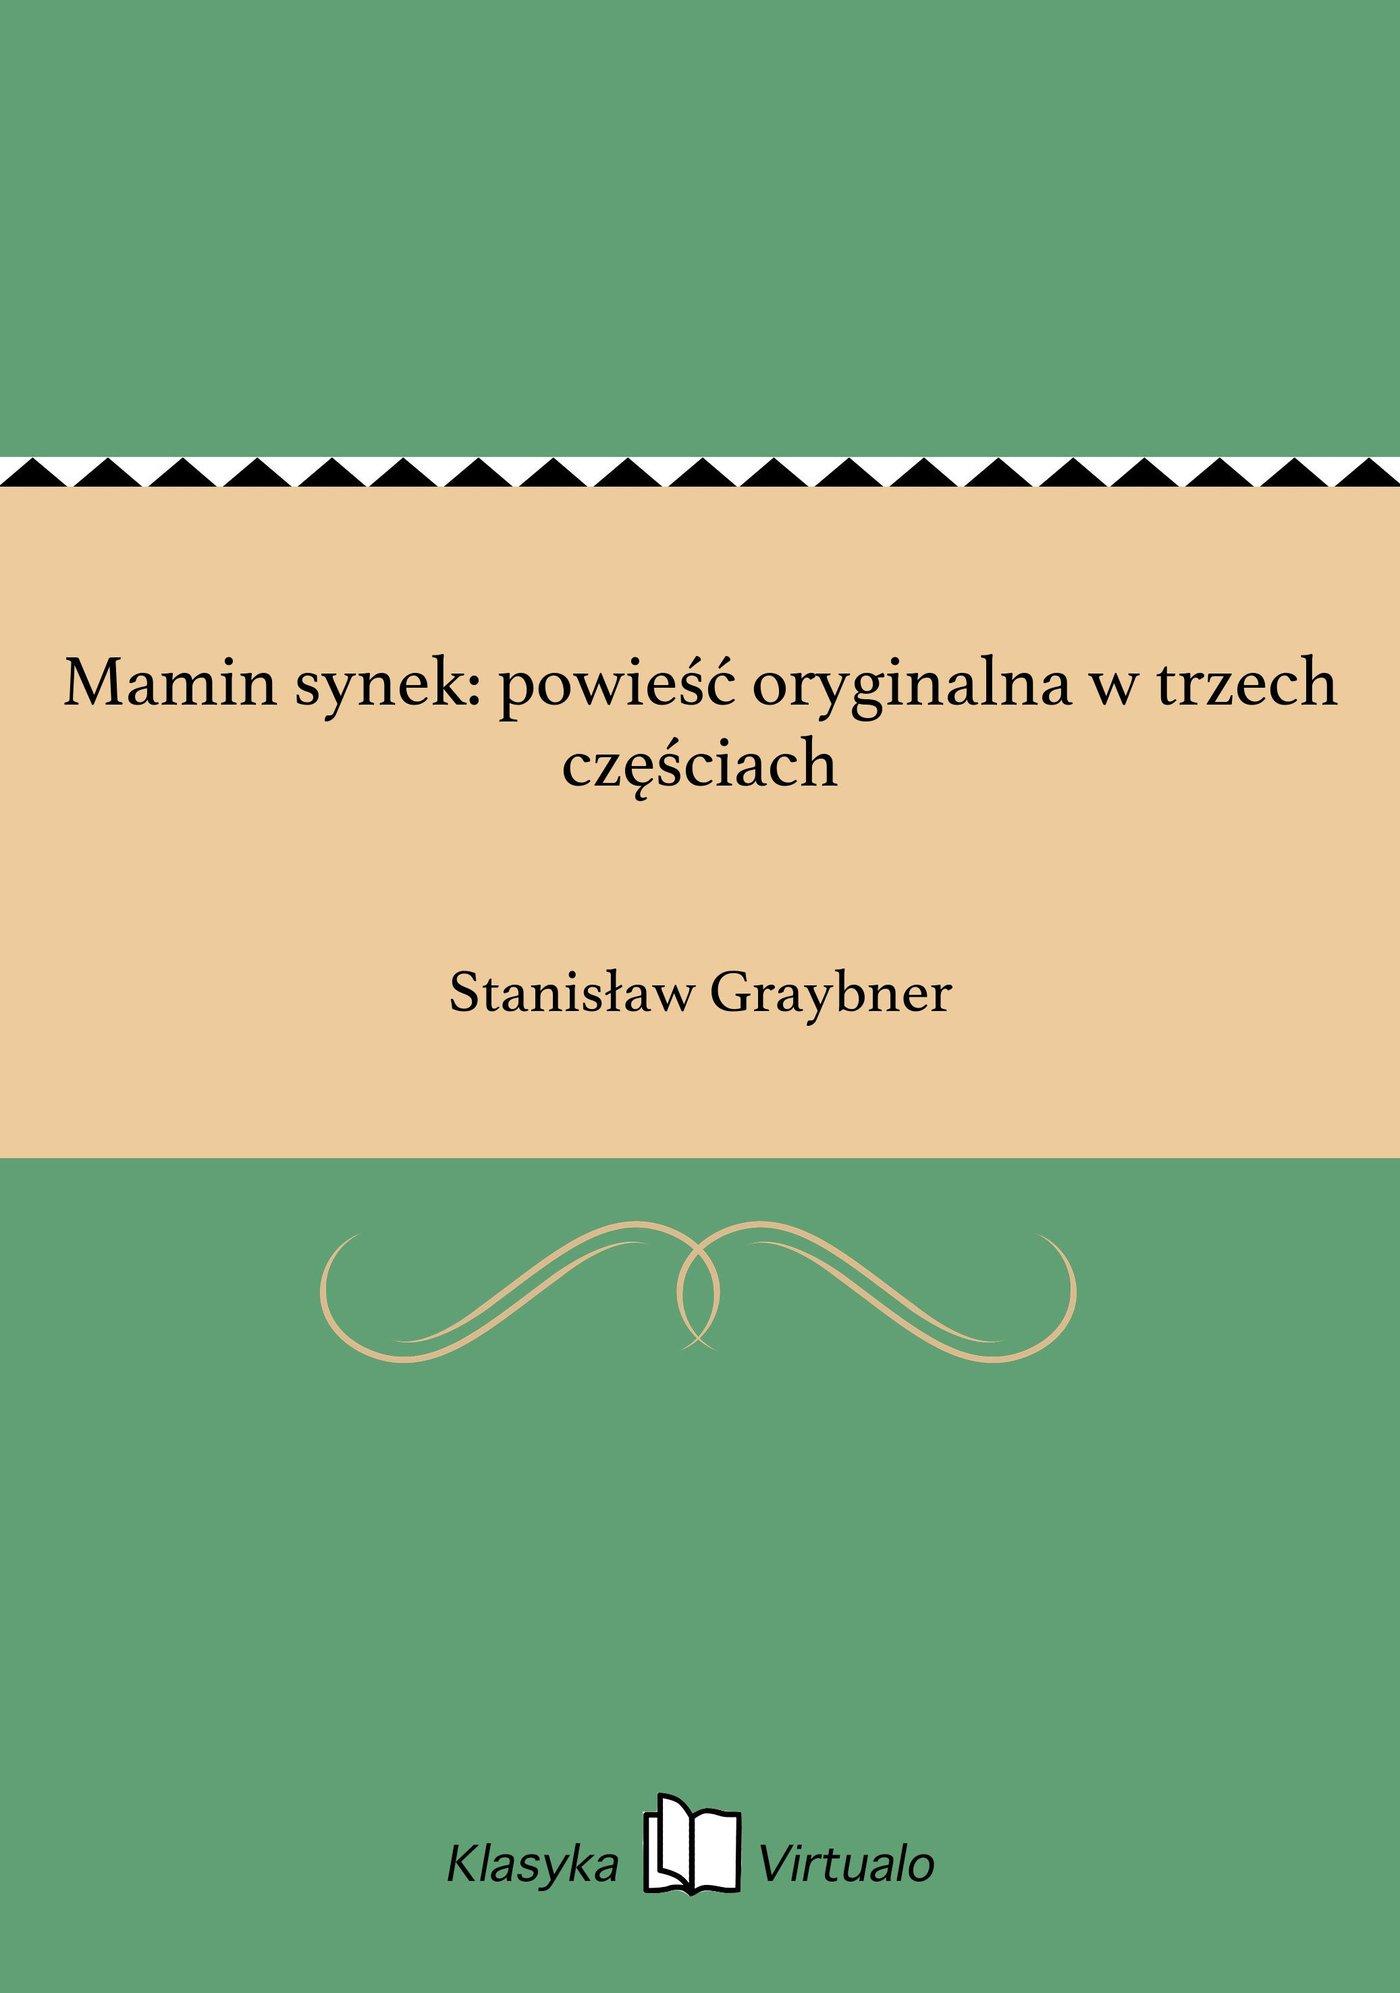 Mamin synek: powieść oryginalna w trzech częściach - Ebook (Książka na Kindle) do pobrania w formacie MOBI